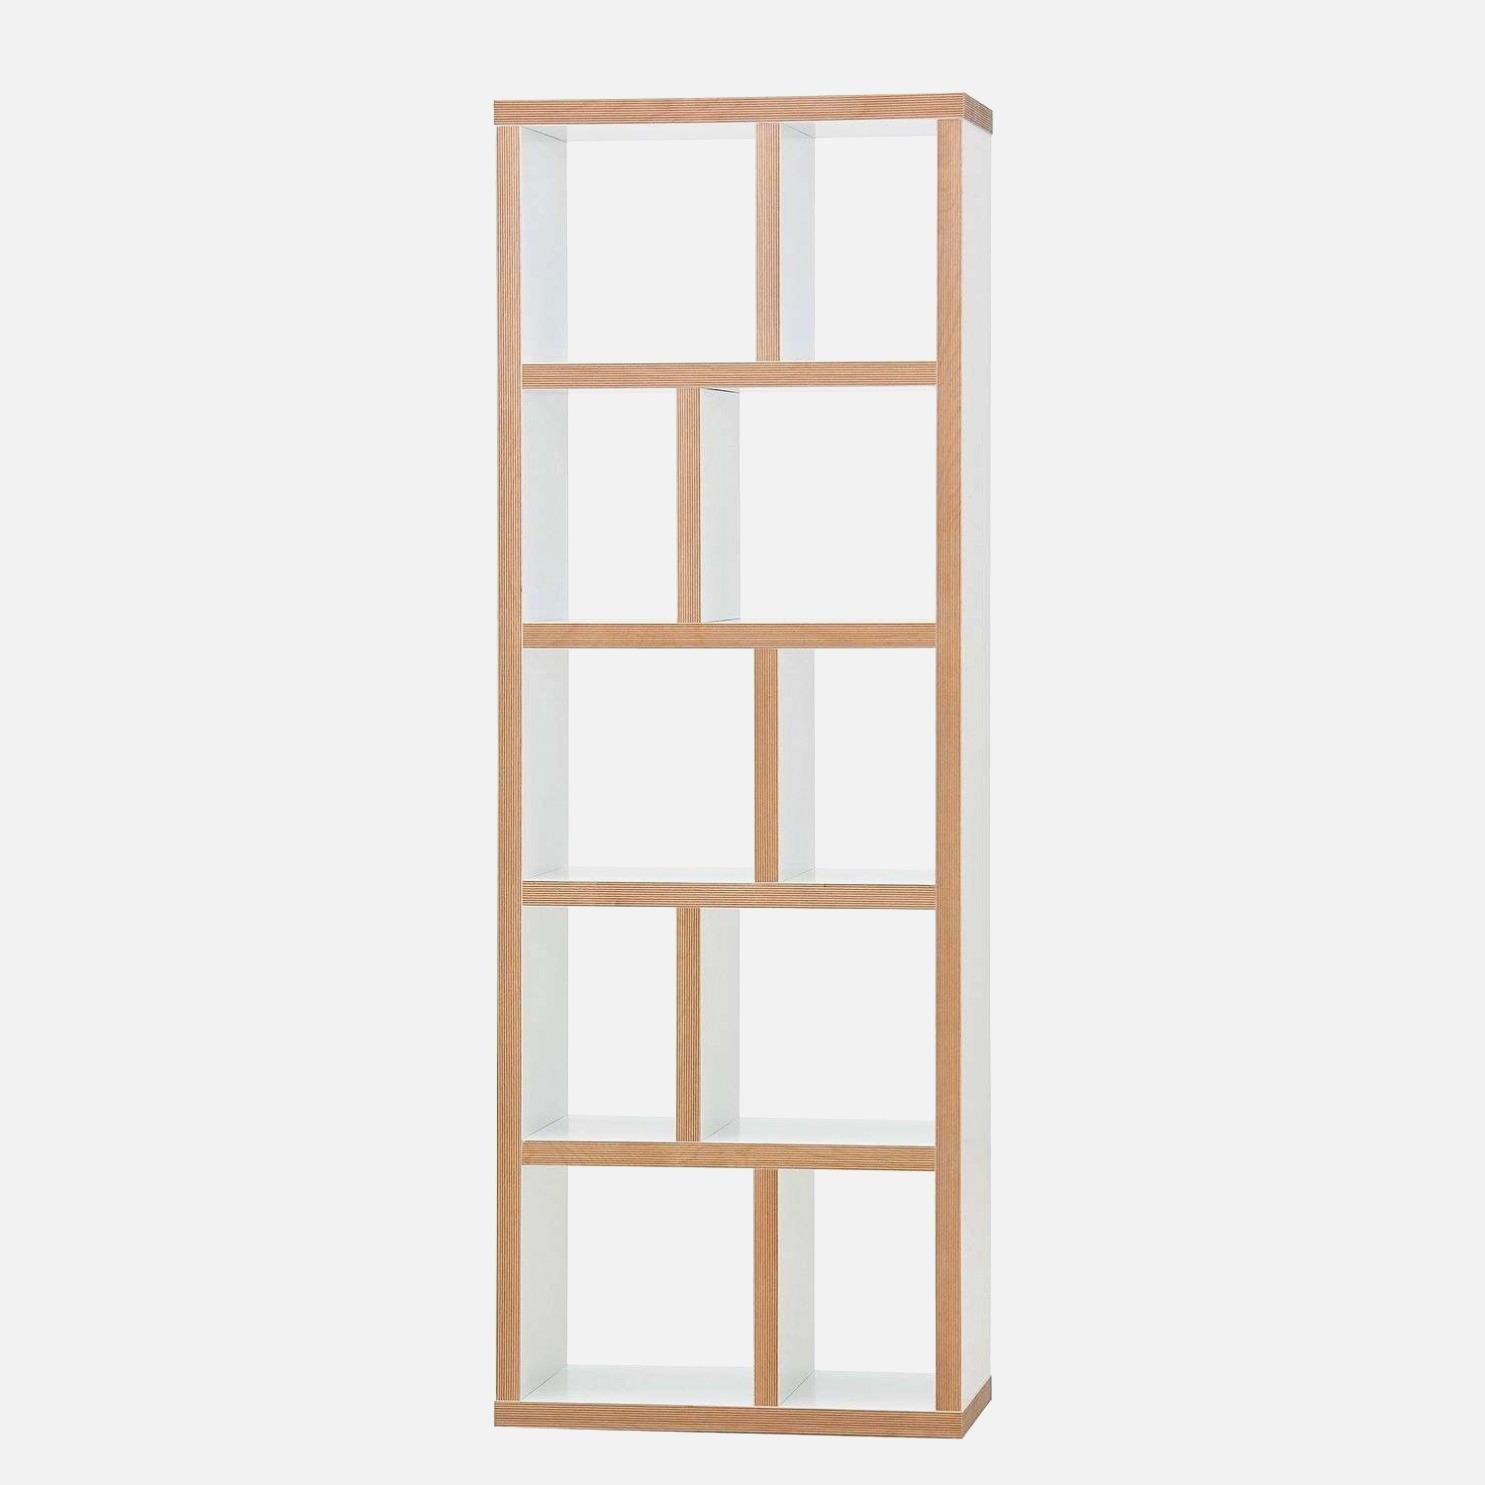 Full Size of Wandschrank 20 Cm Tief Regal Kisten Zum Aufhängen Weißes Bett 160x200 Regale Nach Maß Schlafzimmer Großes Sofa Sitzhöhe 55 Glasböden Mit Schubladen Regal Regal 60 Cm Breit